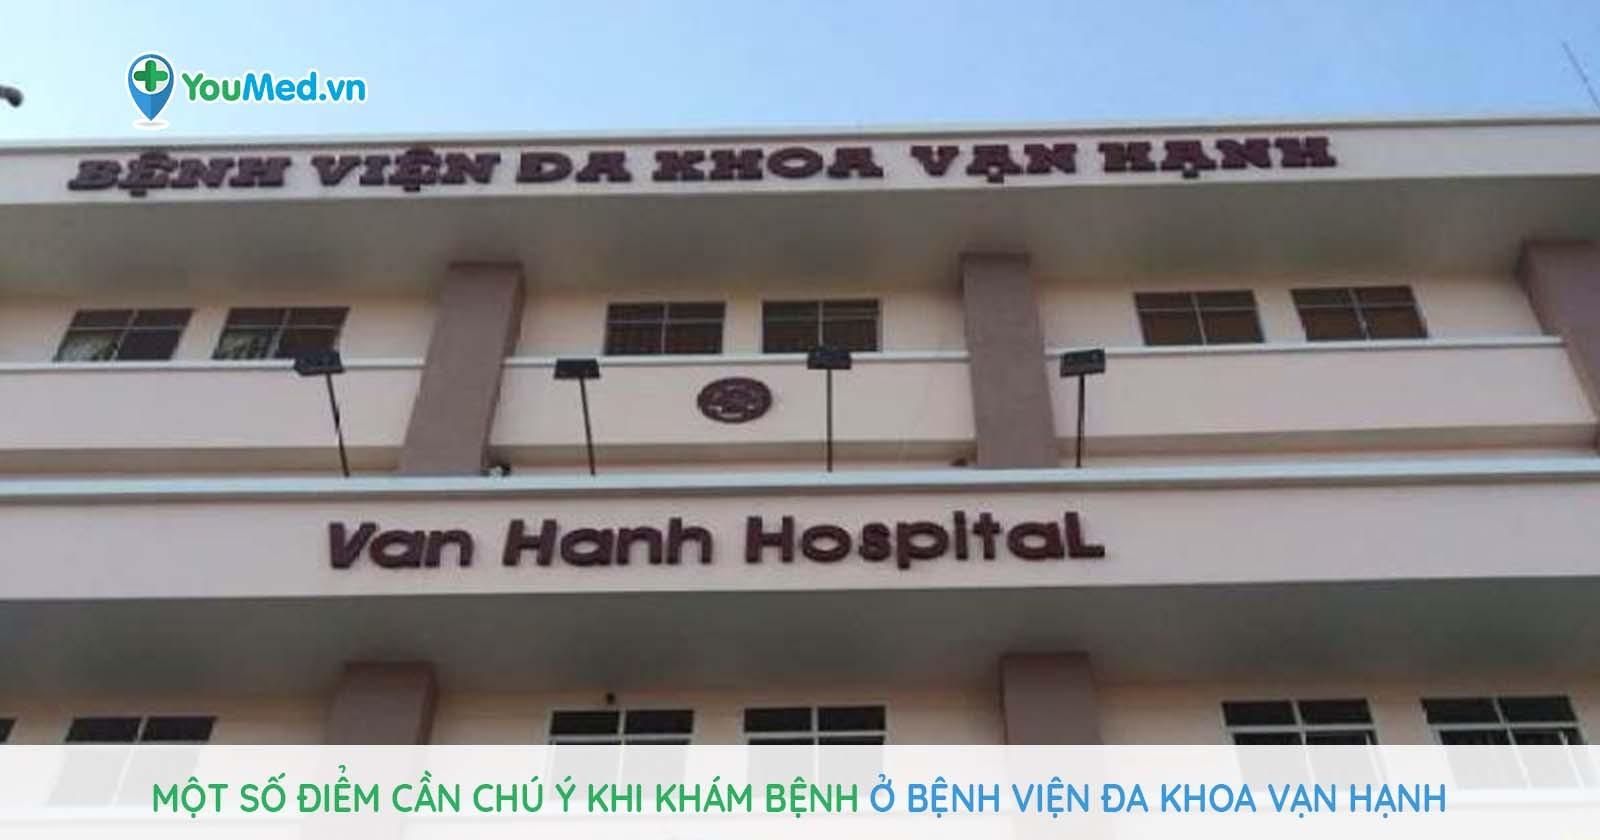 Một số điểm cần chú ý khi khám bệnh ở Bệnh viện Đa khoa Vạn Hạnh